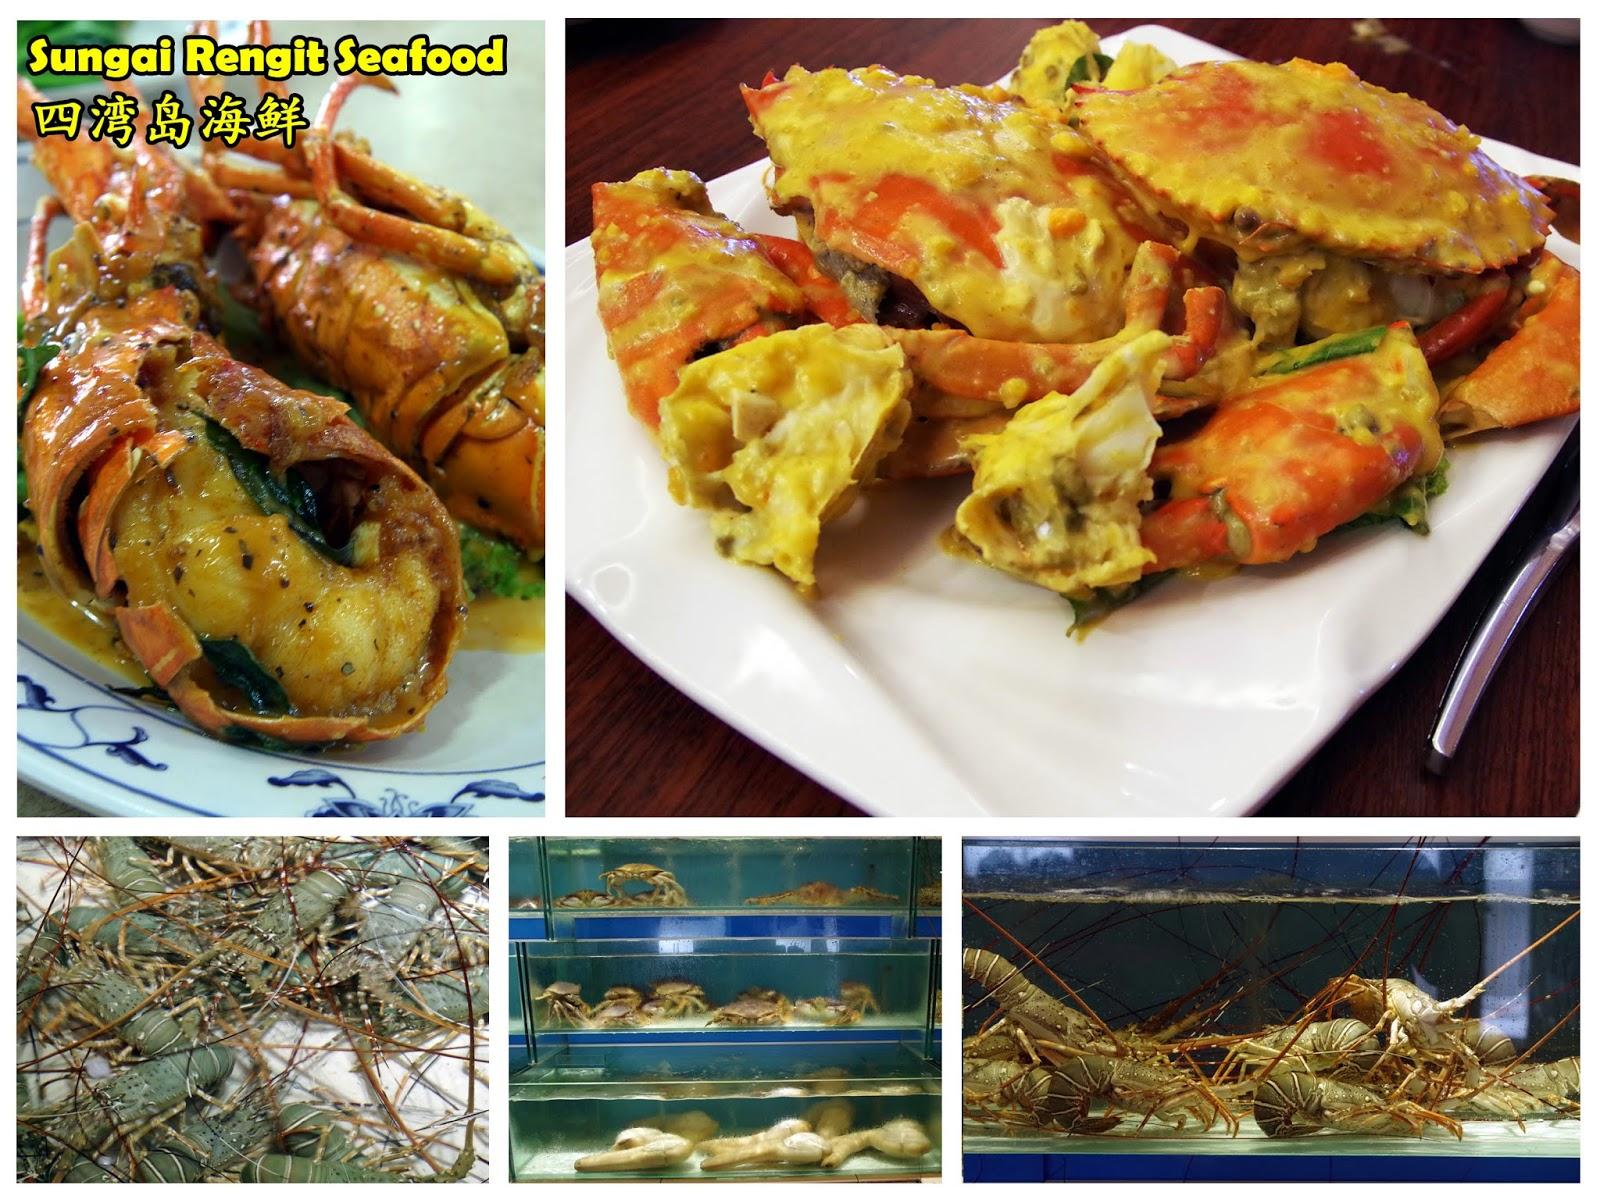 Sungai Rengit Desaru seafood Jade Garden